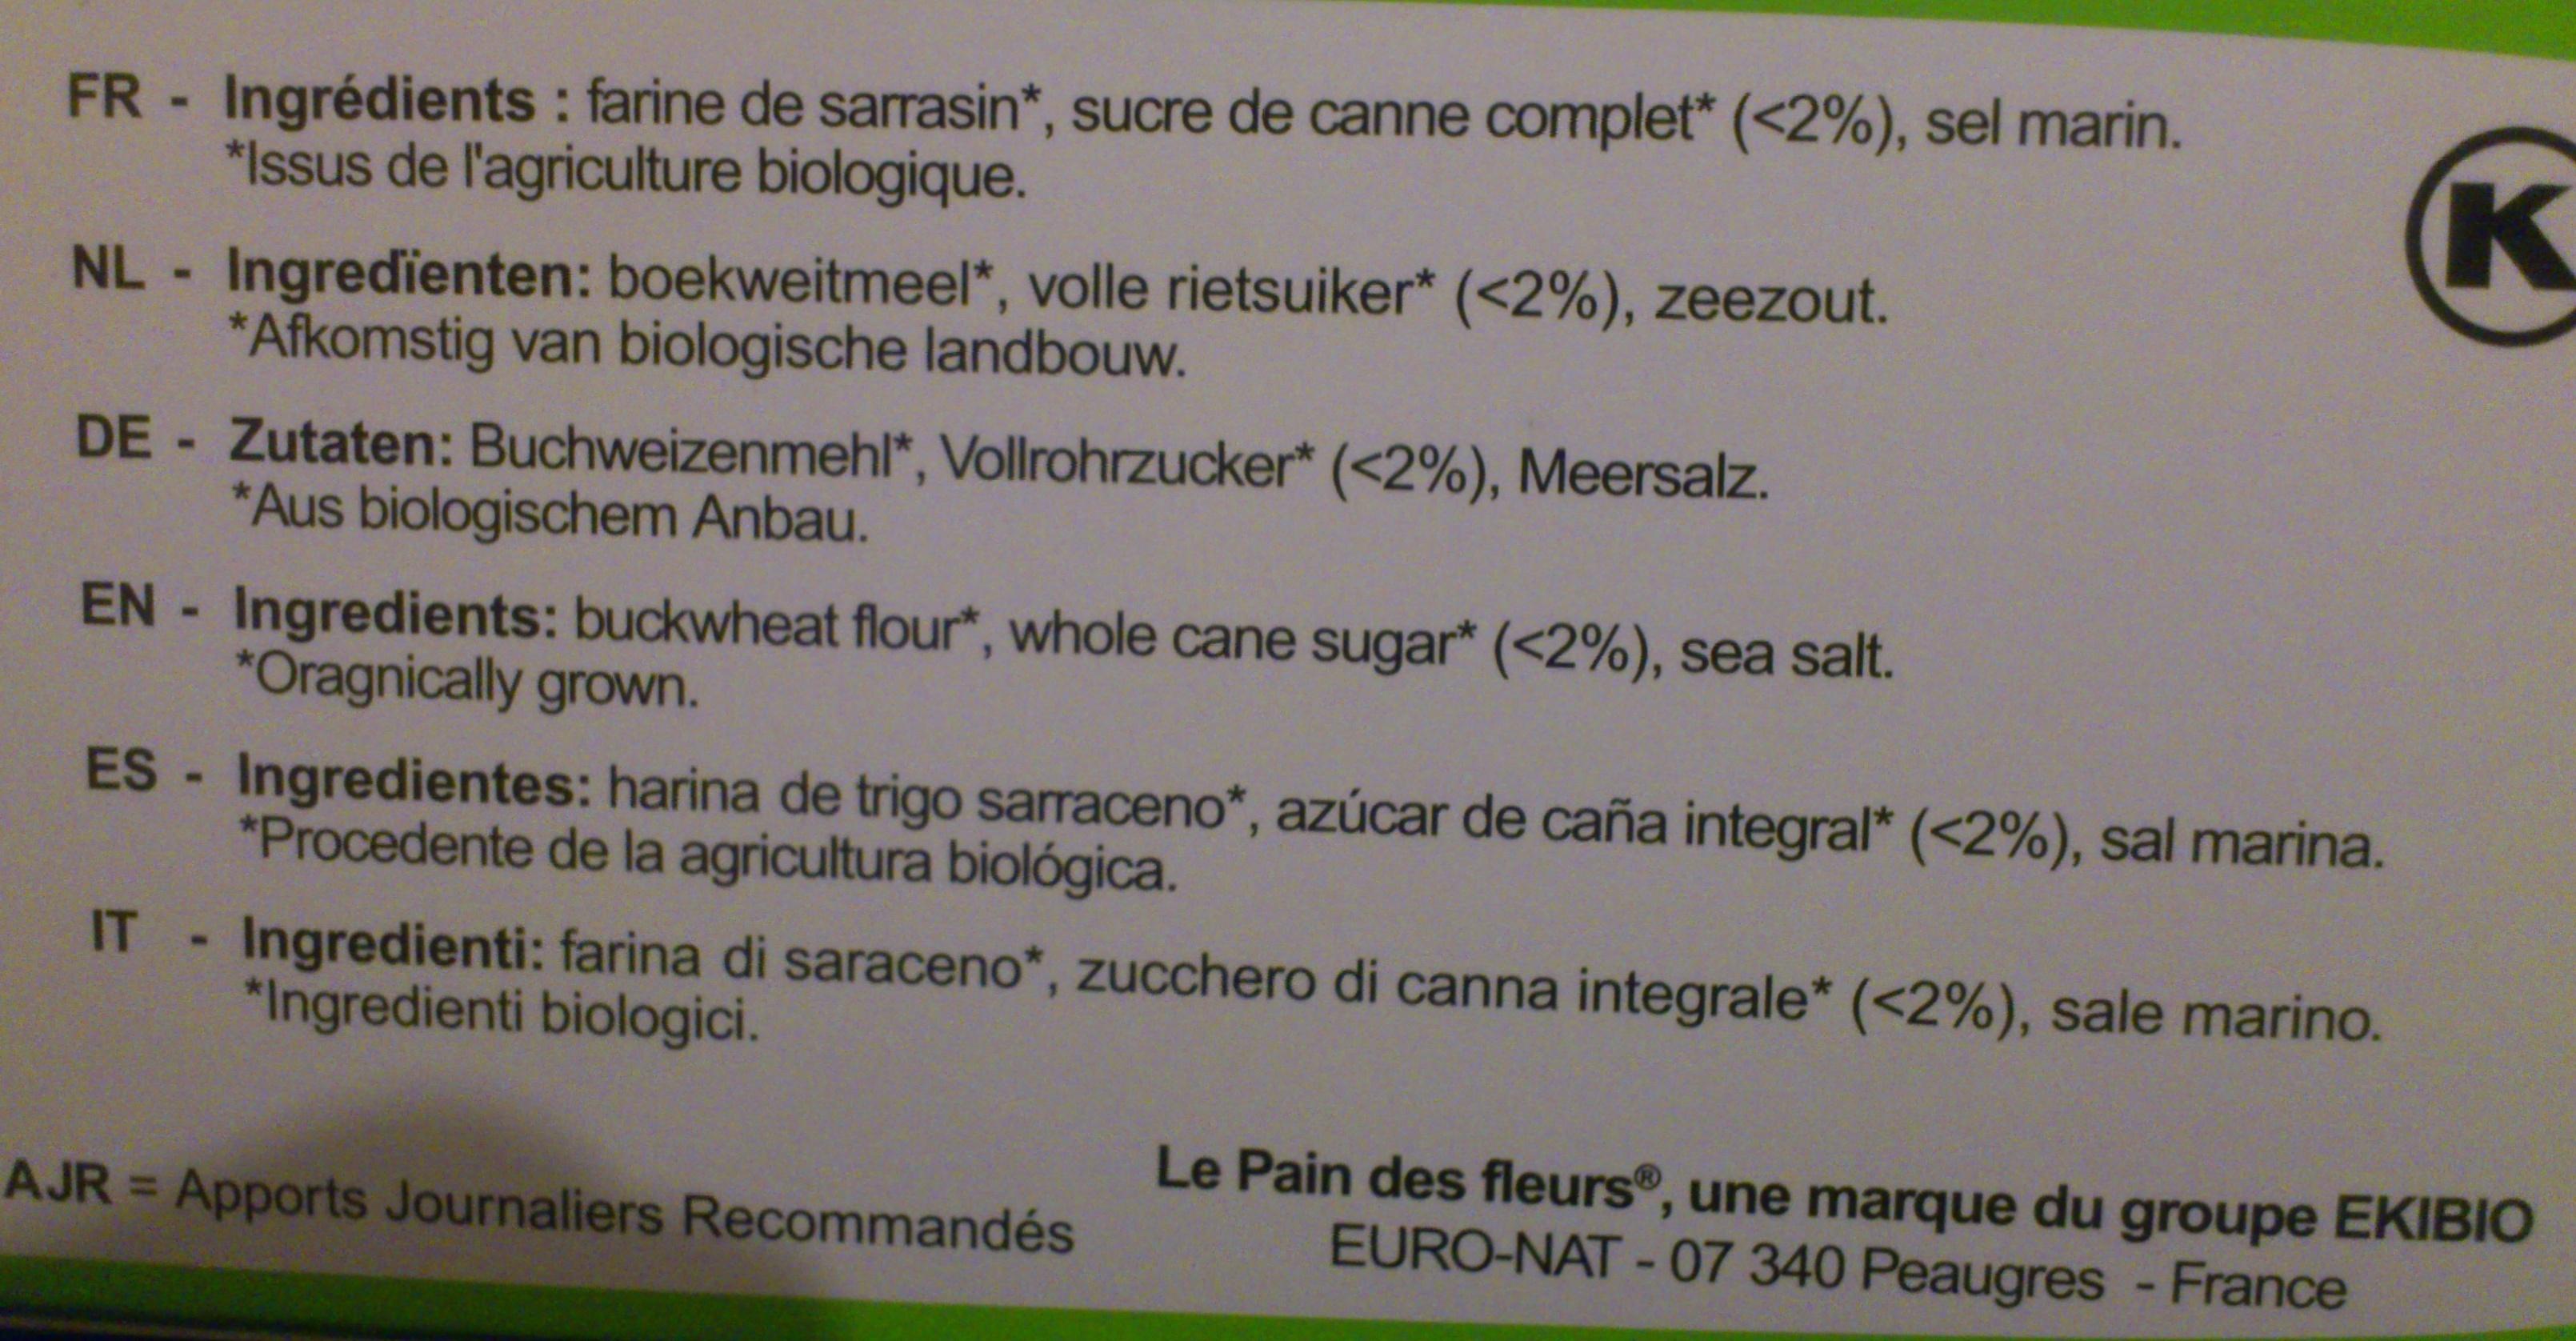 Tartines craquantes au sarrasin - Ingredienti